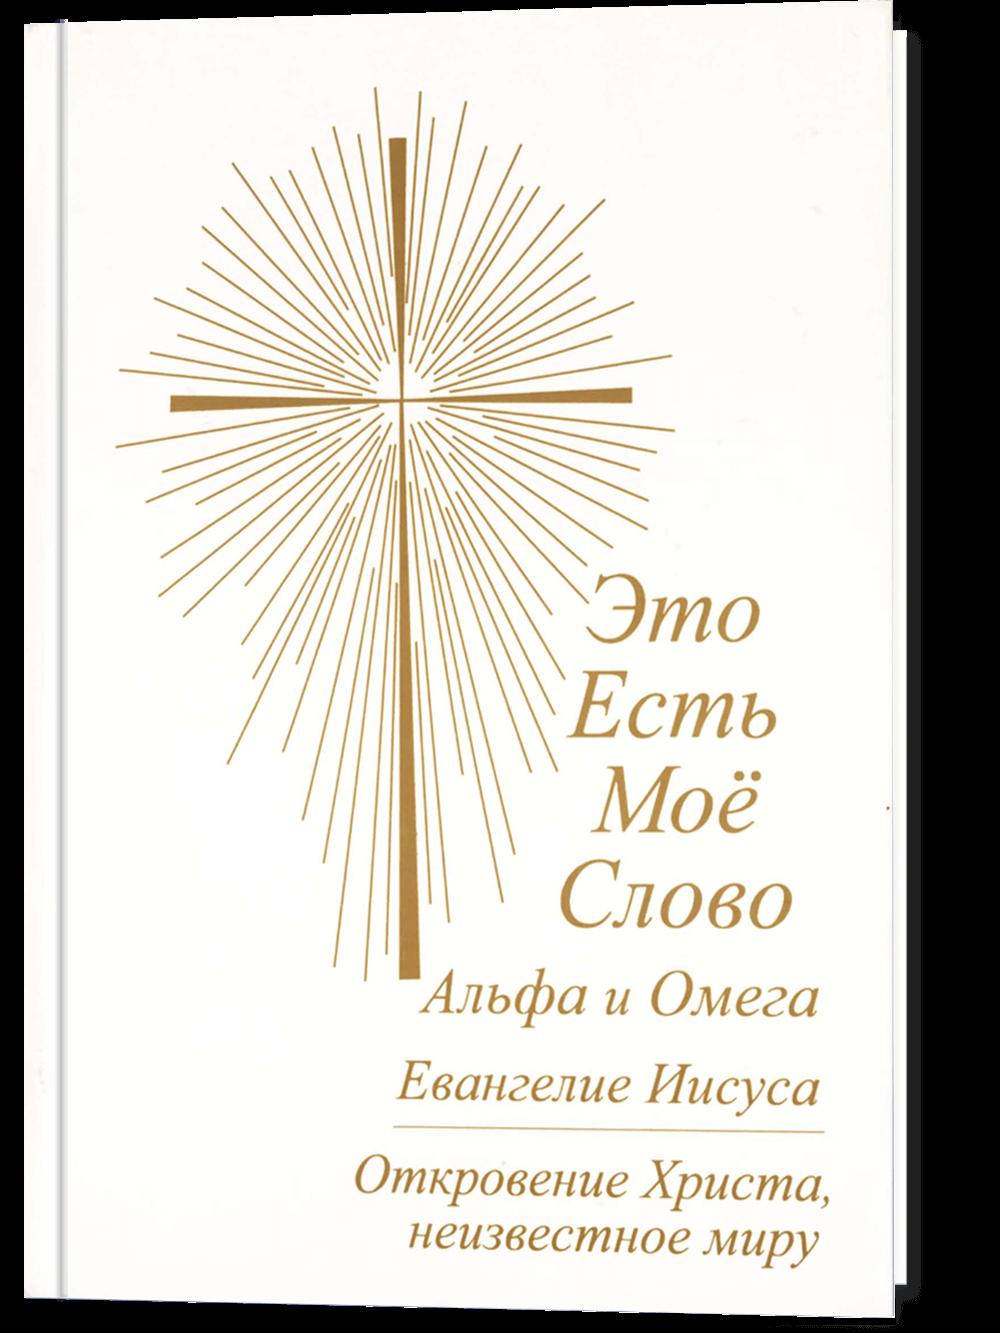 Это - Моё Слово. Альфа и Омега. Евангелие Иисуса.